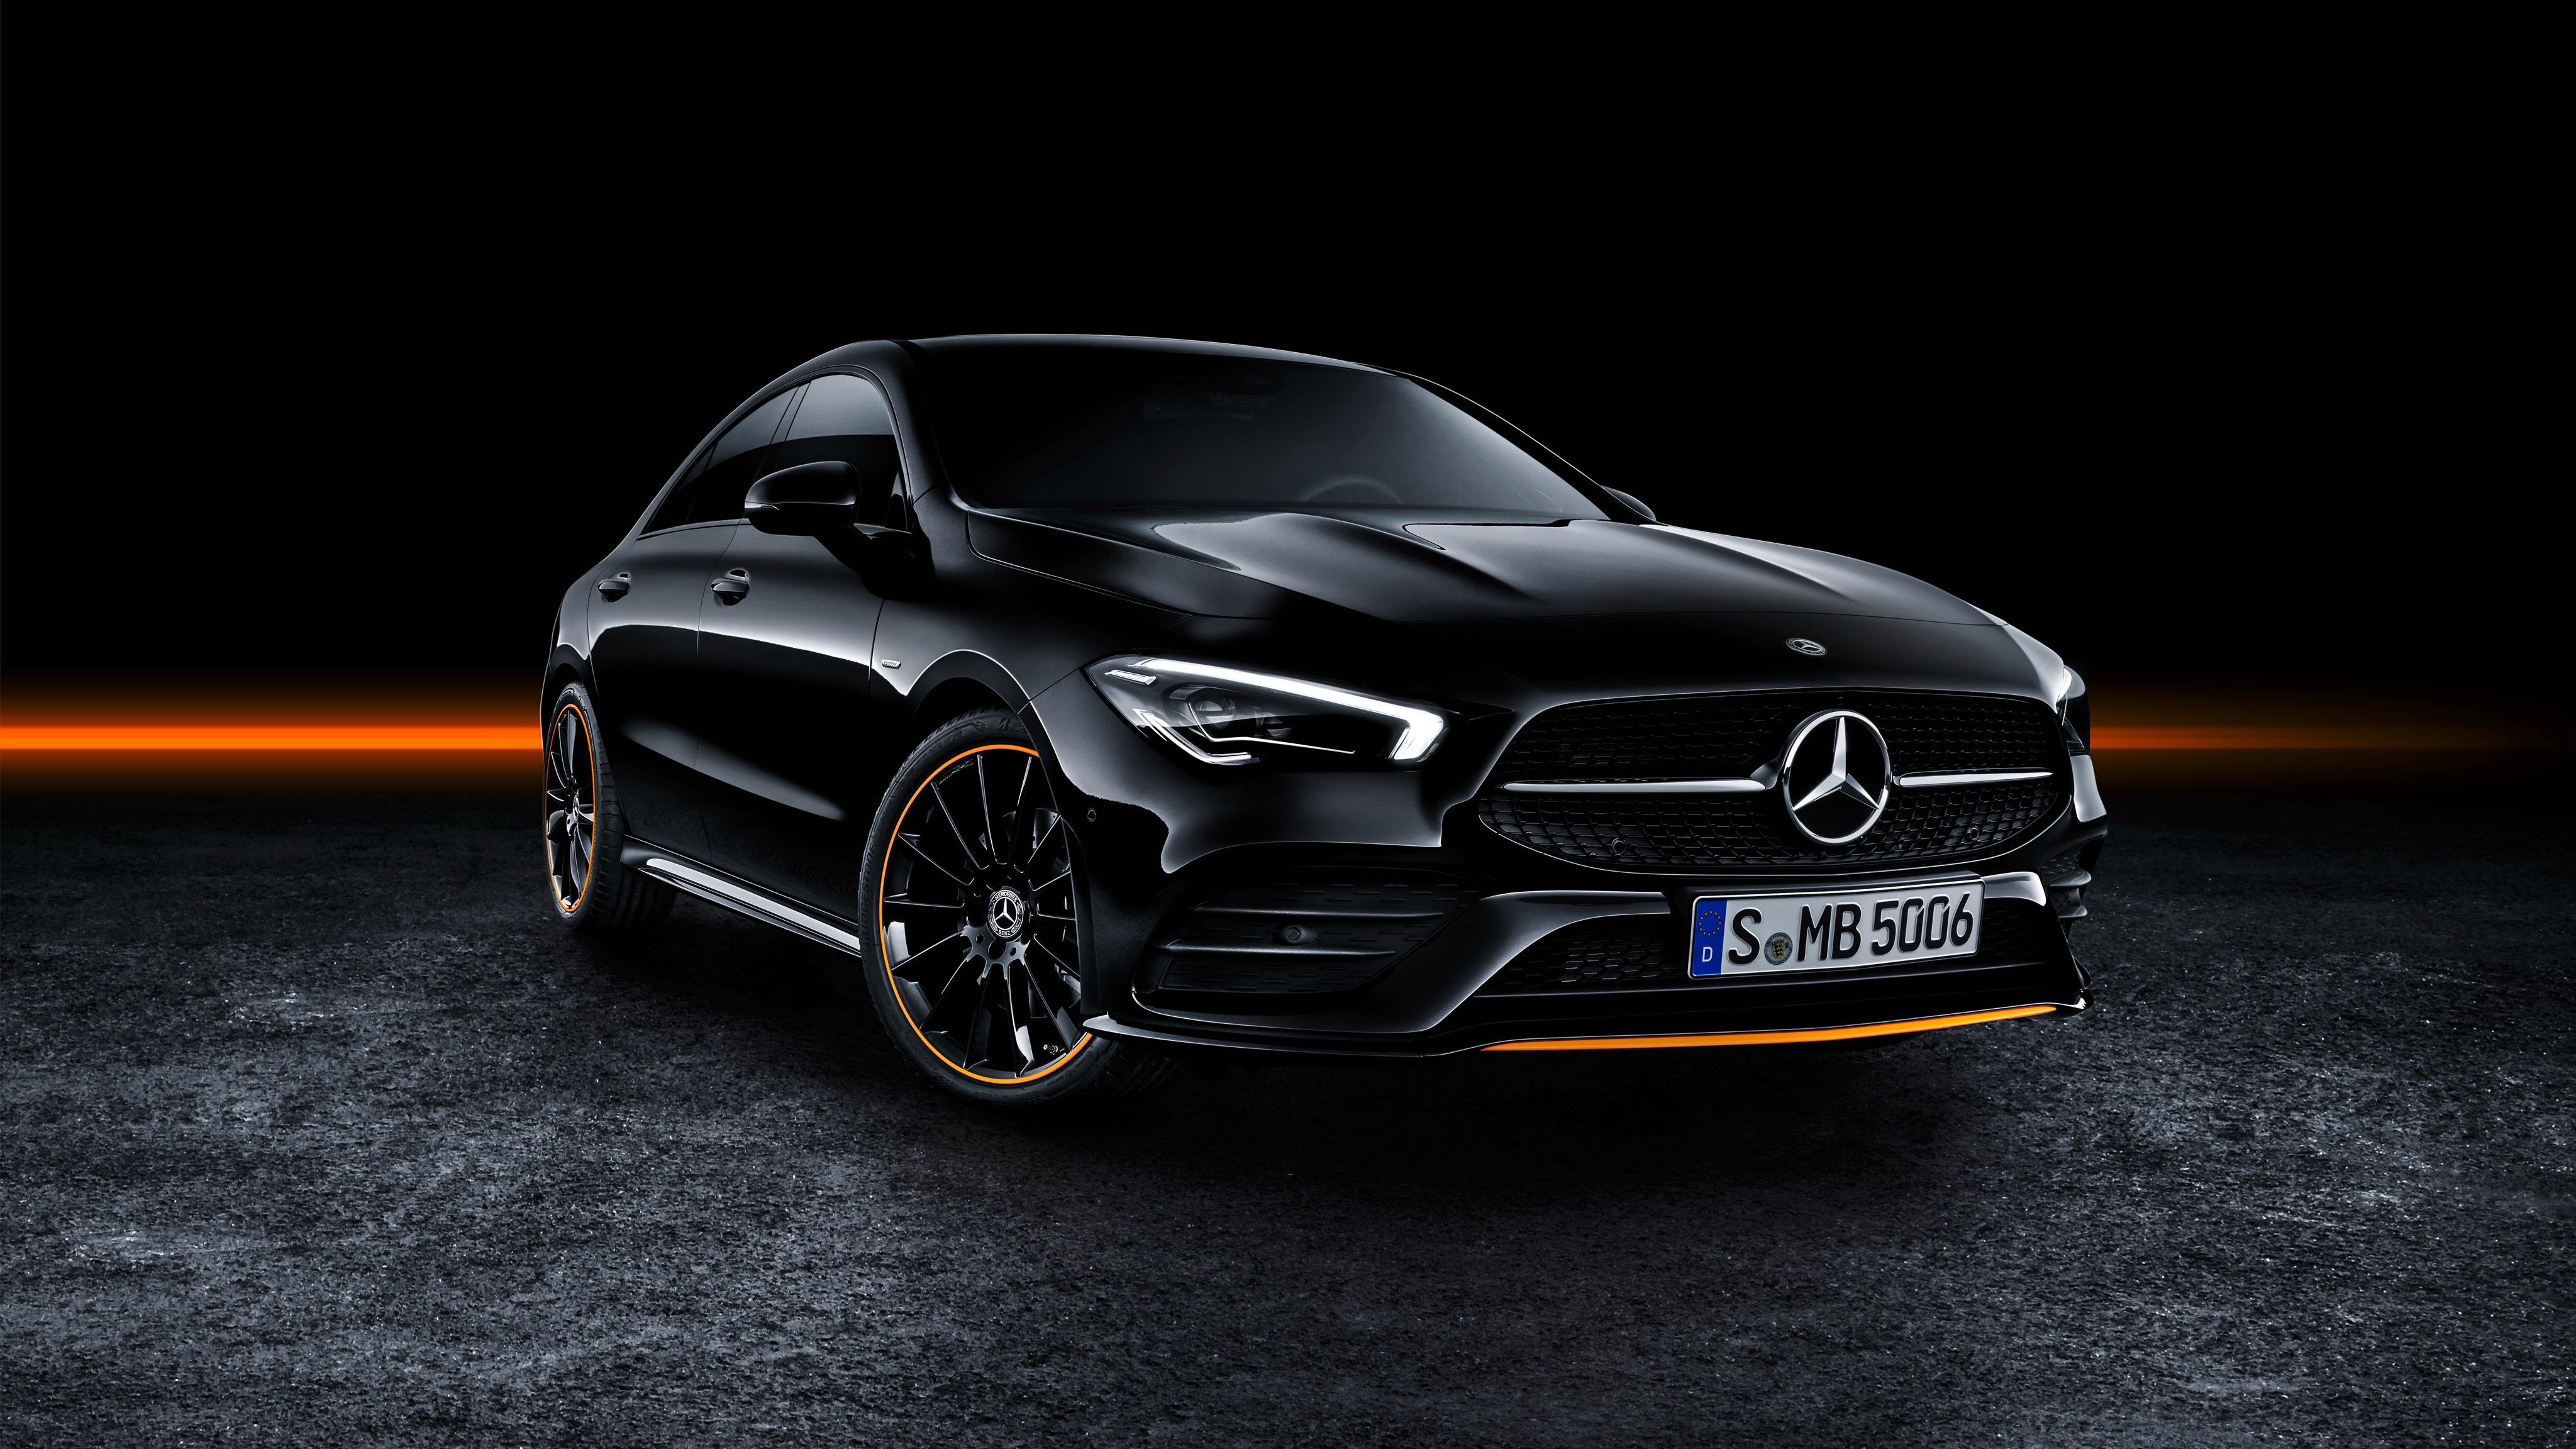 Mercedes Benz CLA 250 AMG Line Edition Orange Art 2019 4K 4096x2304